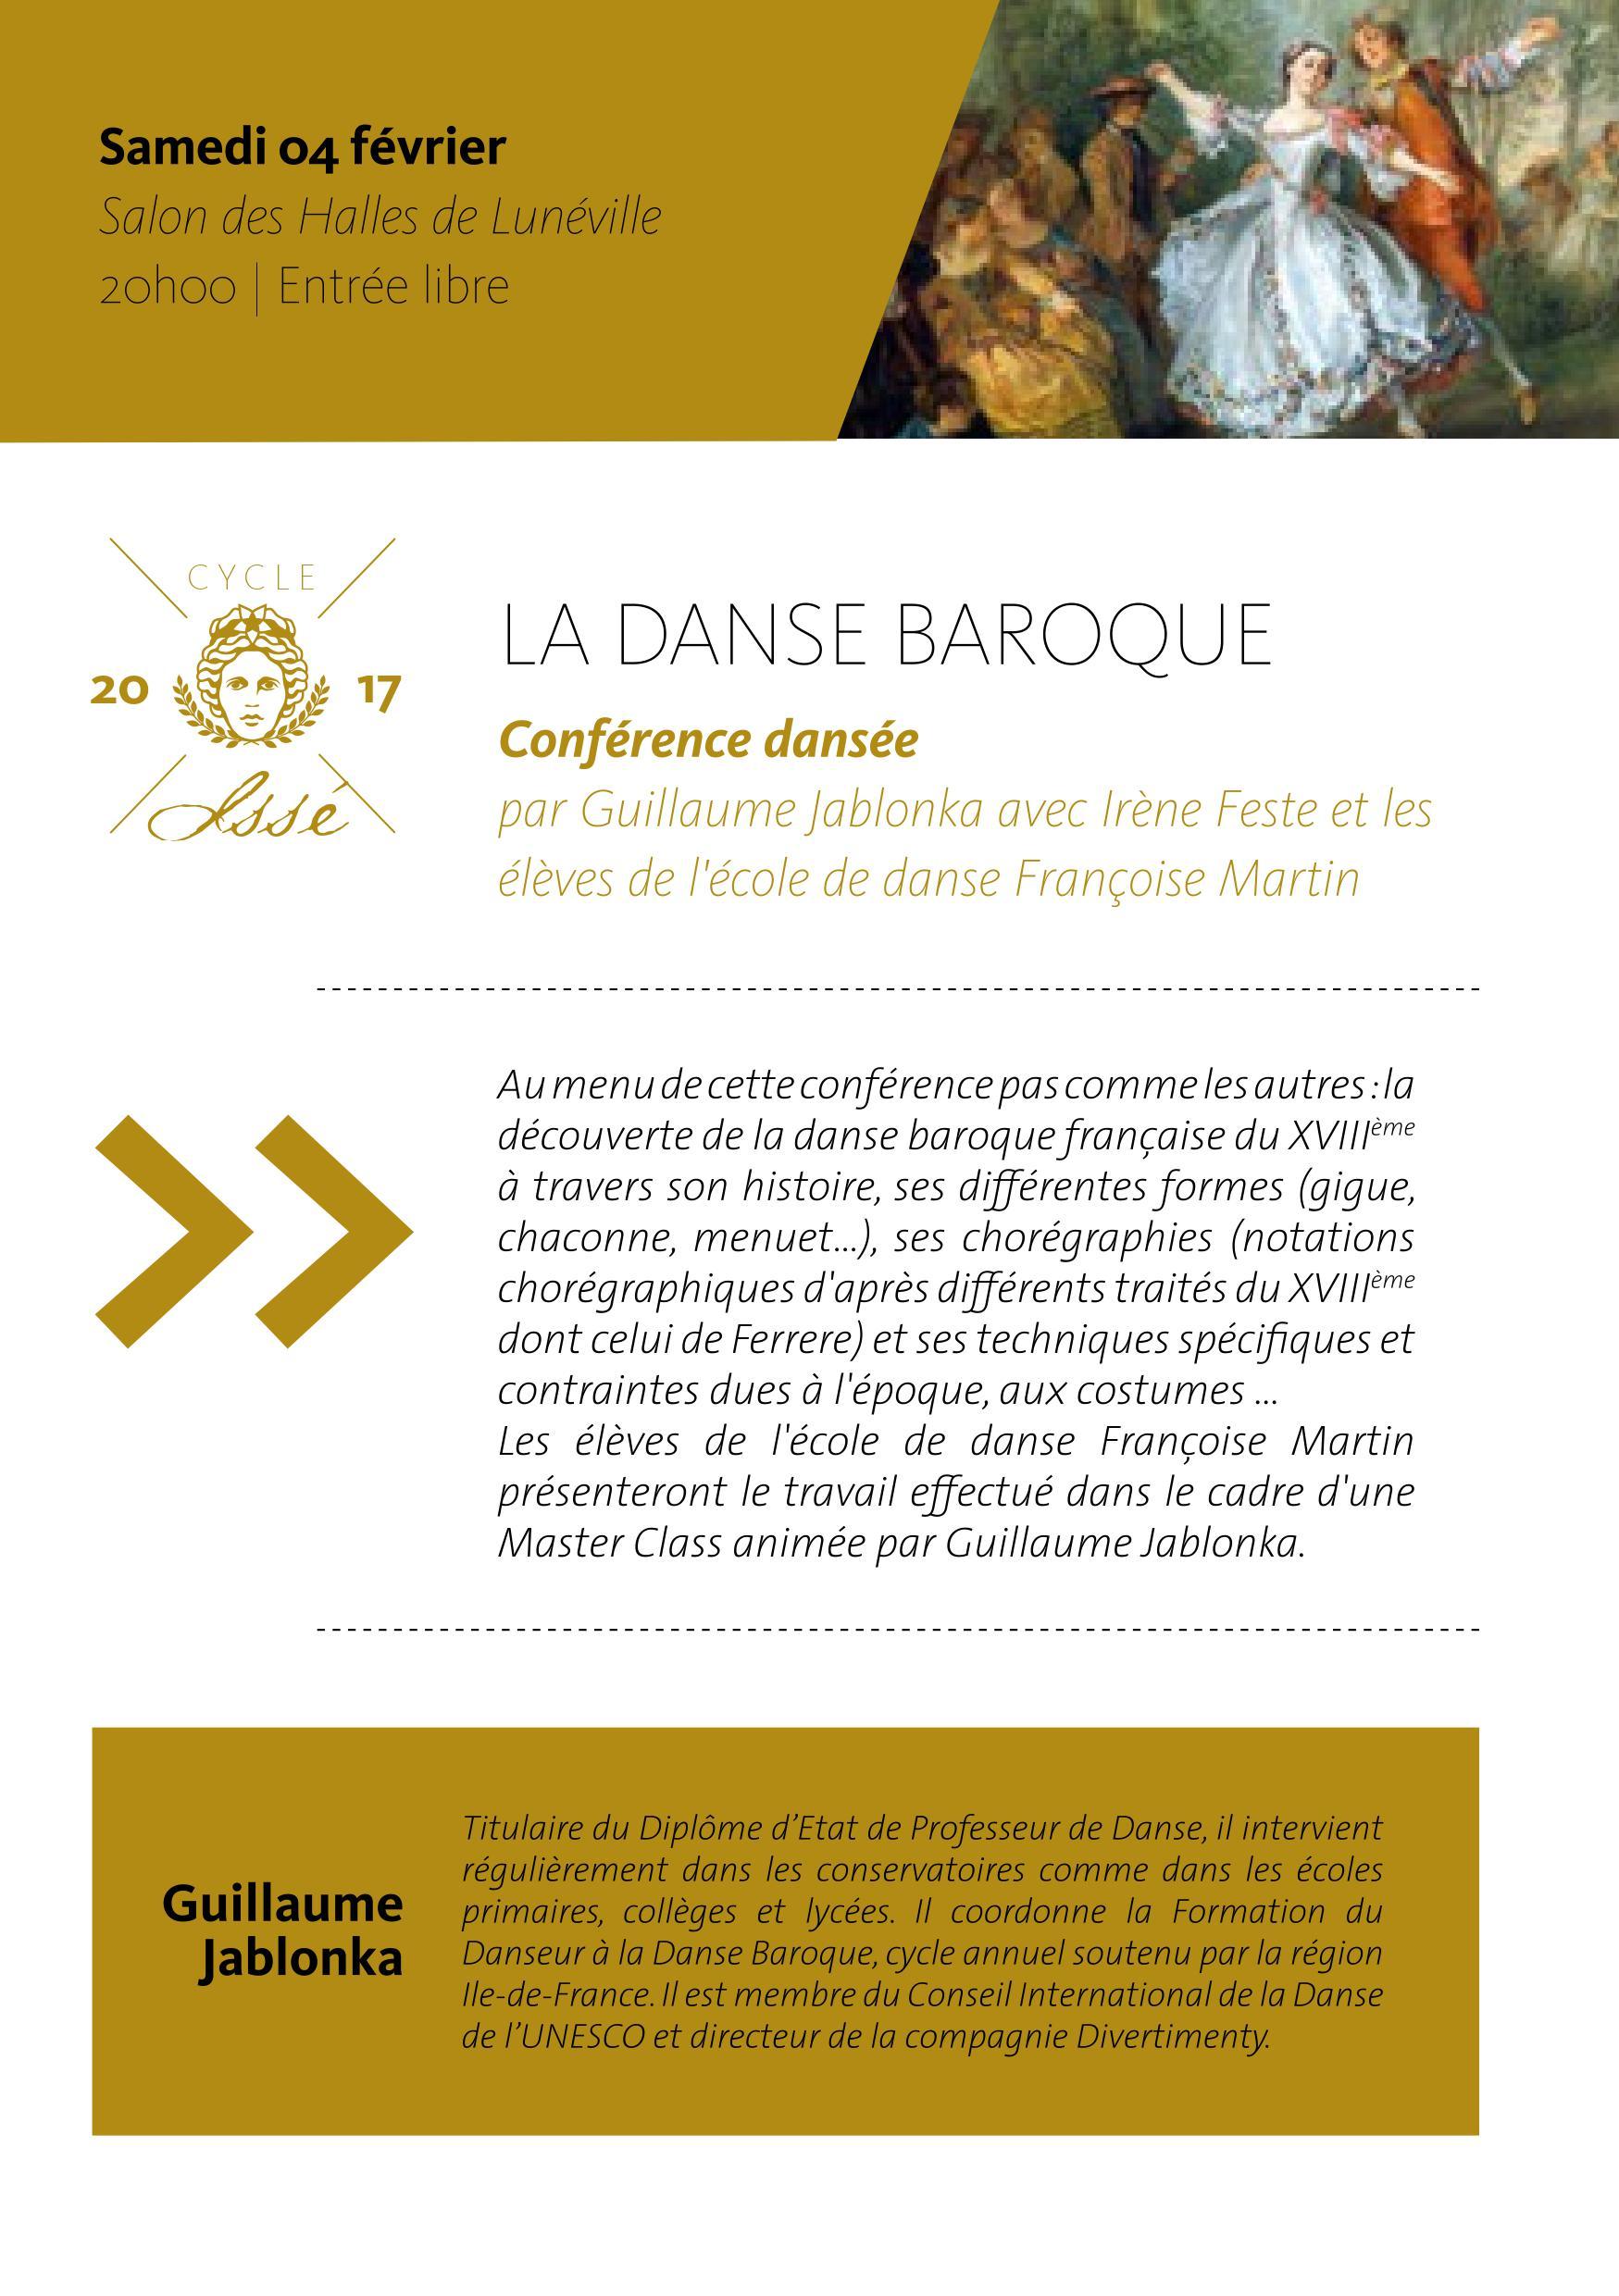 Brochure ÉMILIE(S) p.10, Communauté de Communes du Territoire de Lunéville à Baccarat.